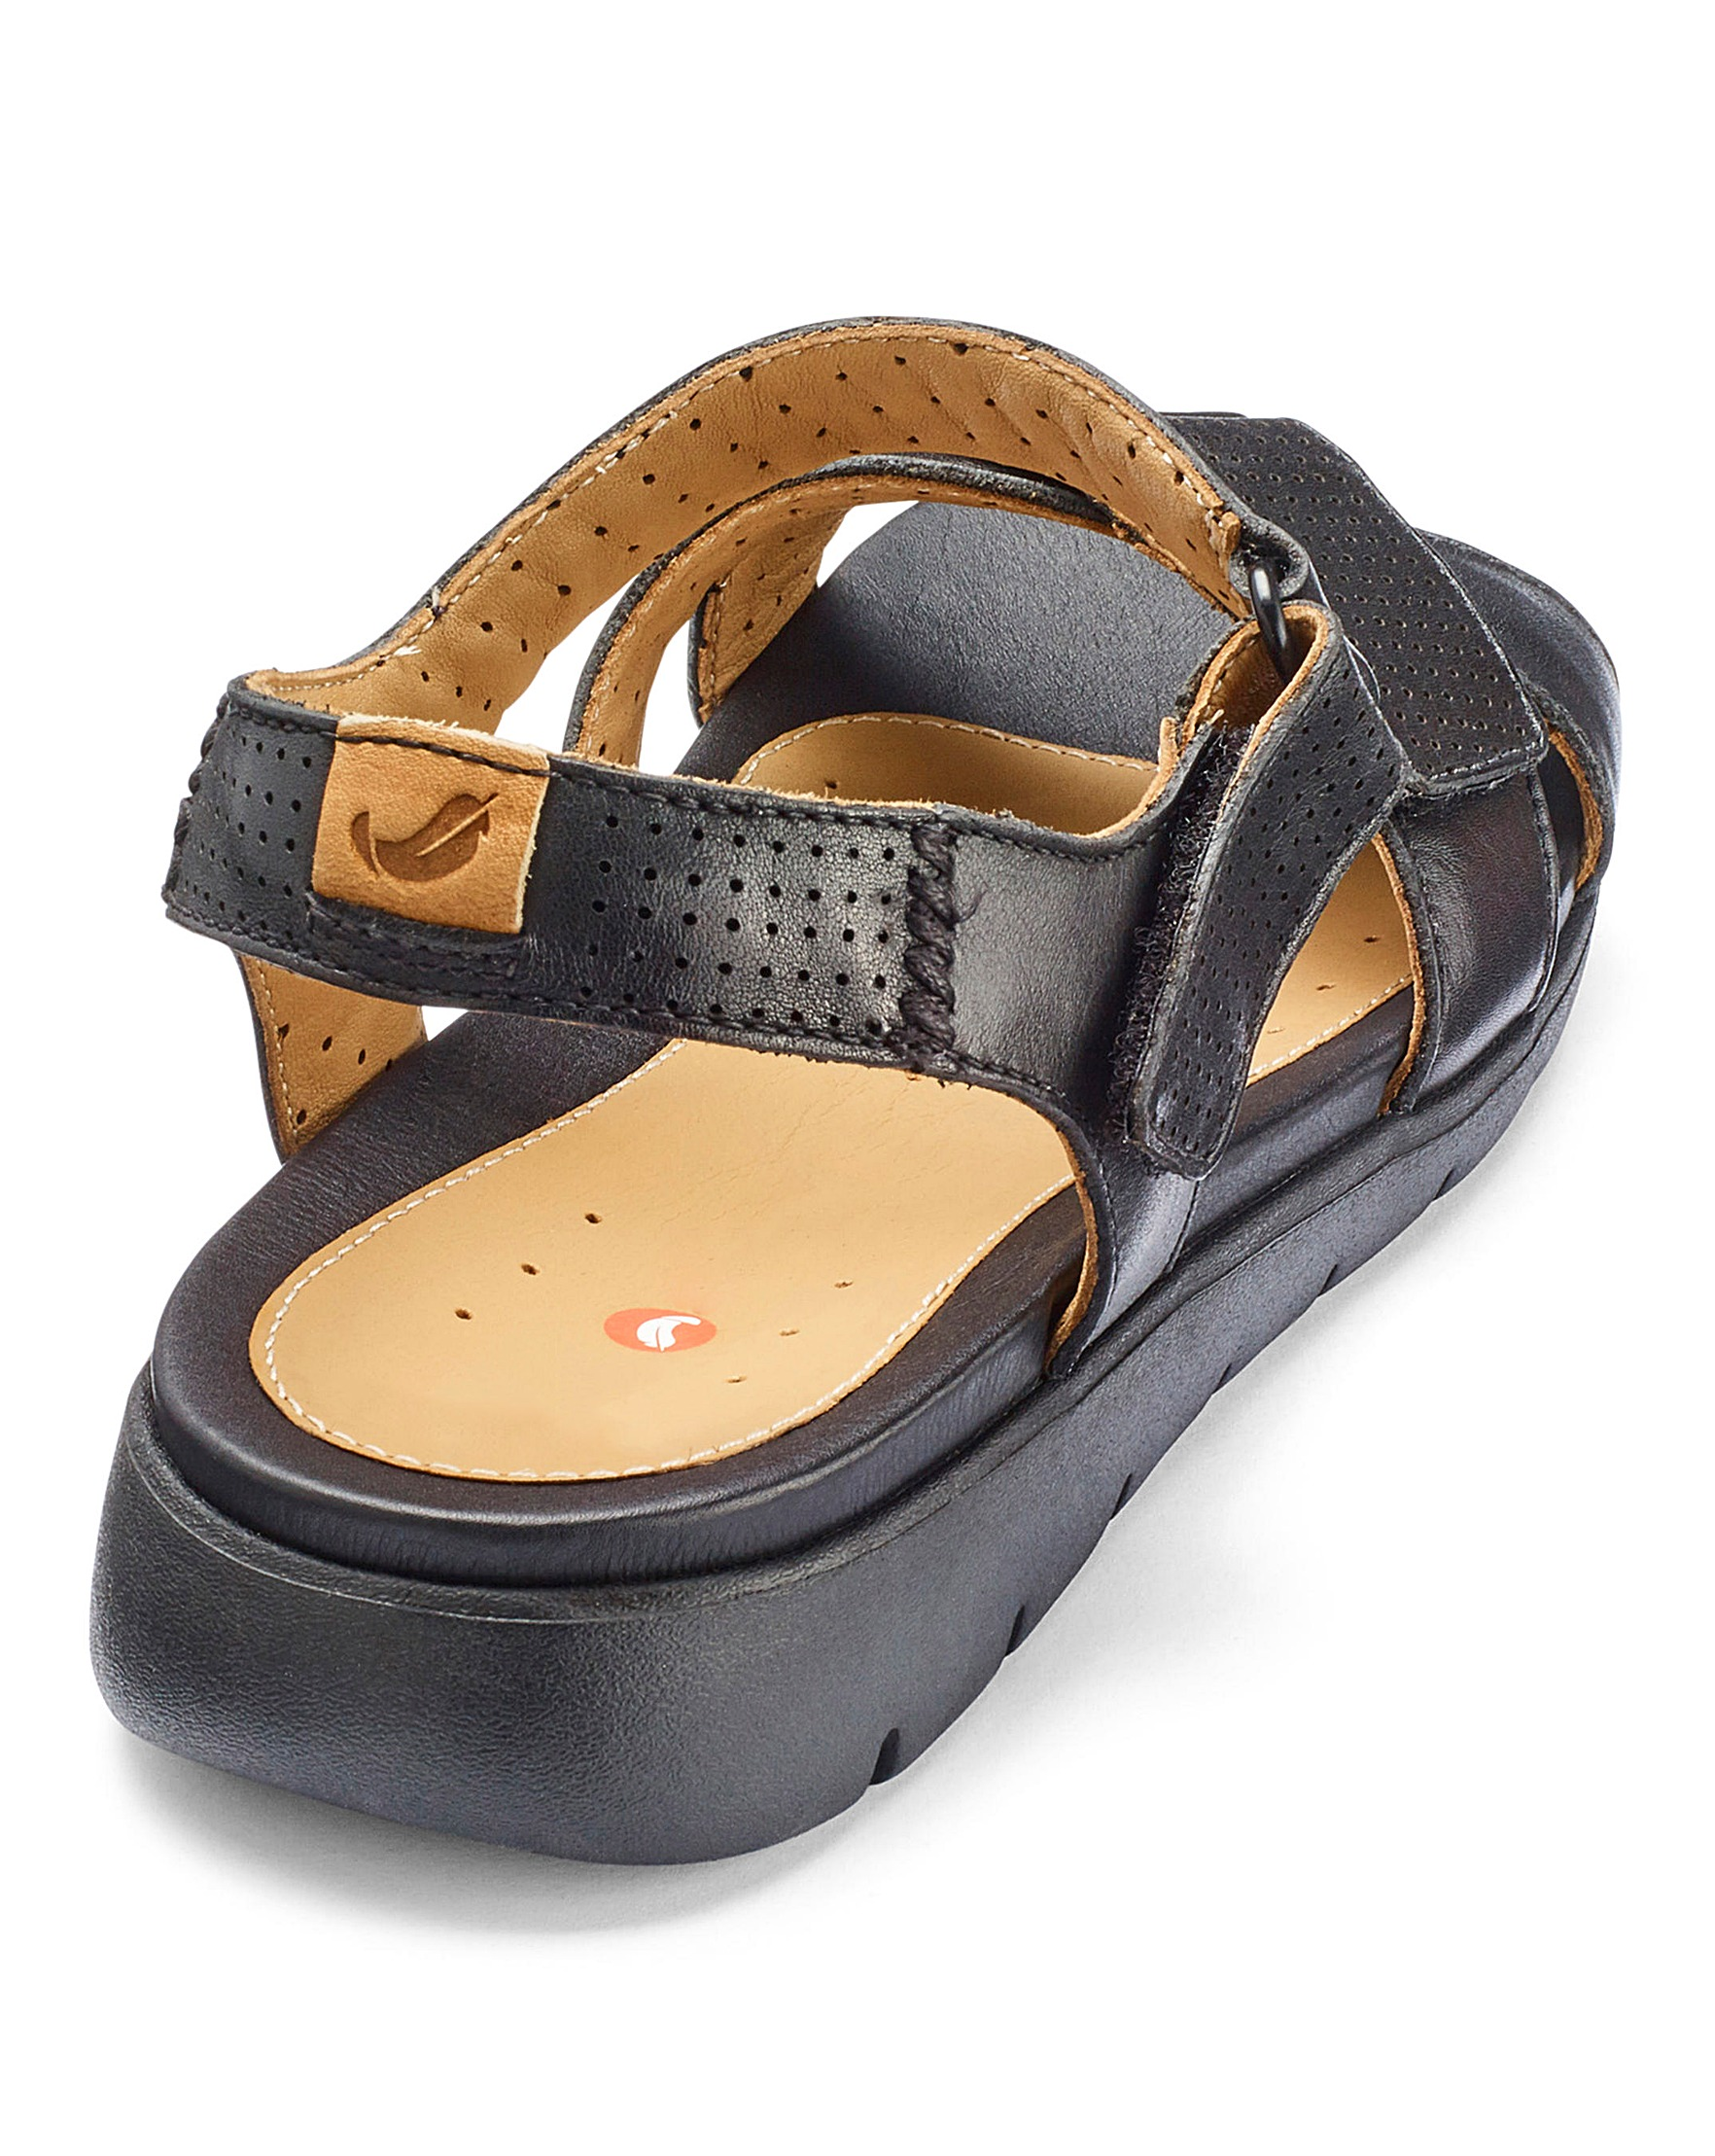 85a8396d037 Clarks Un Saffron Sandals E Fit